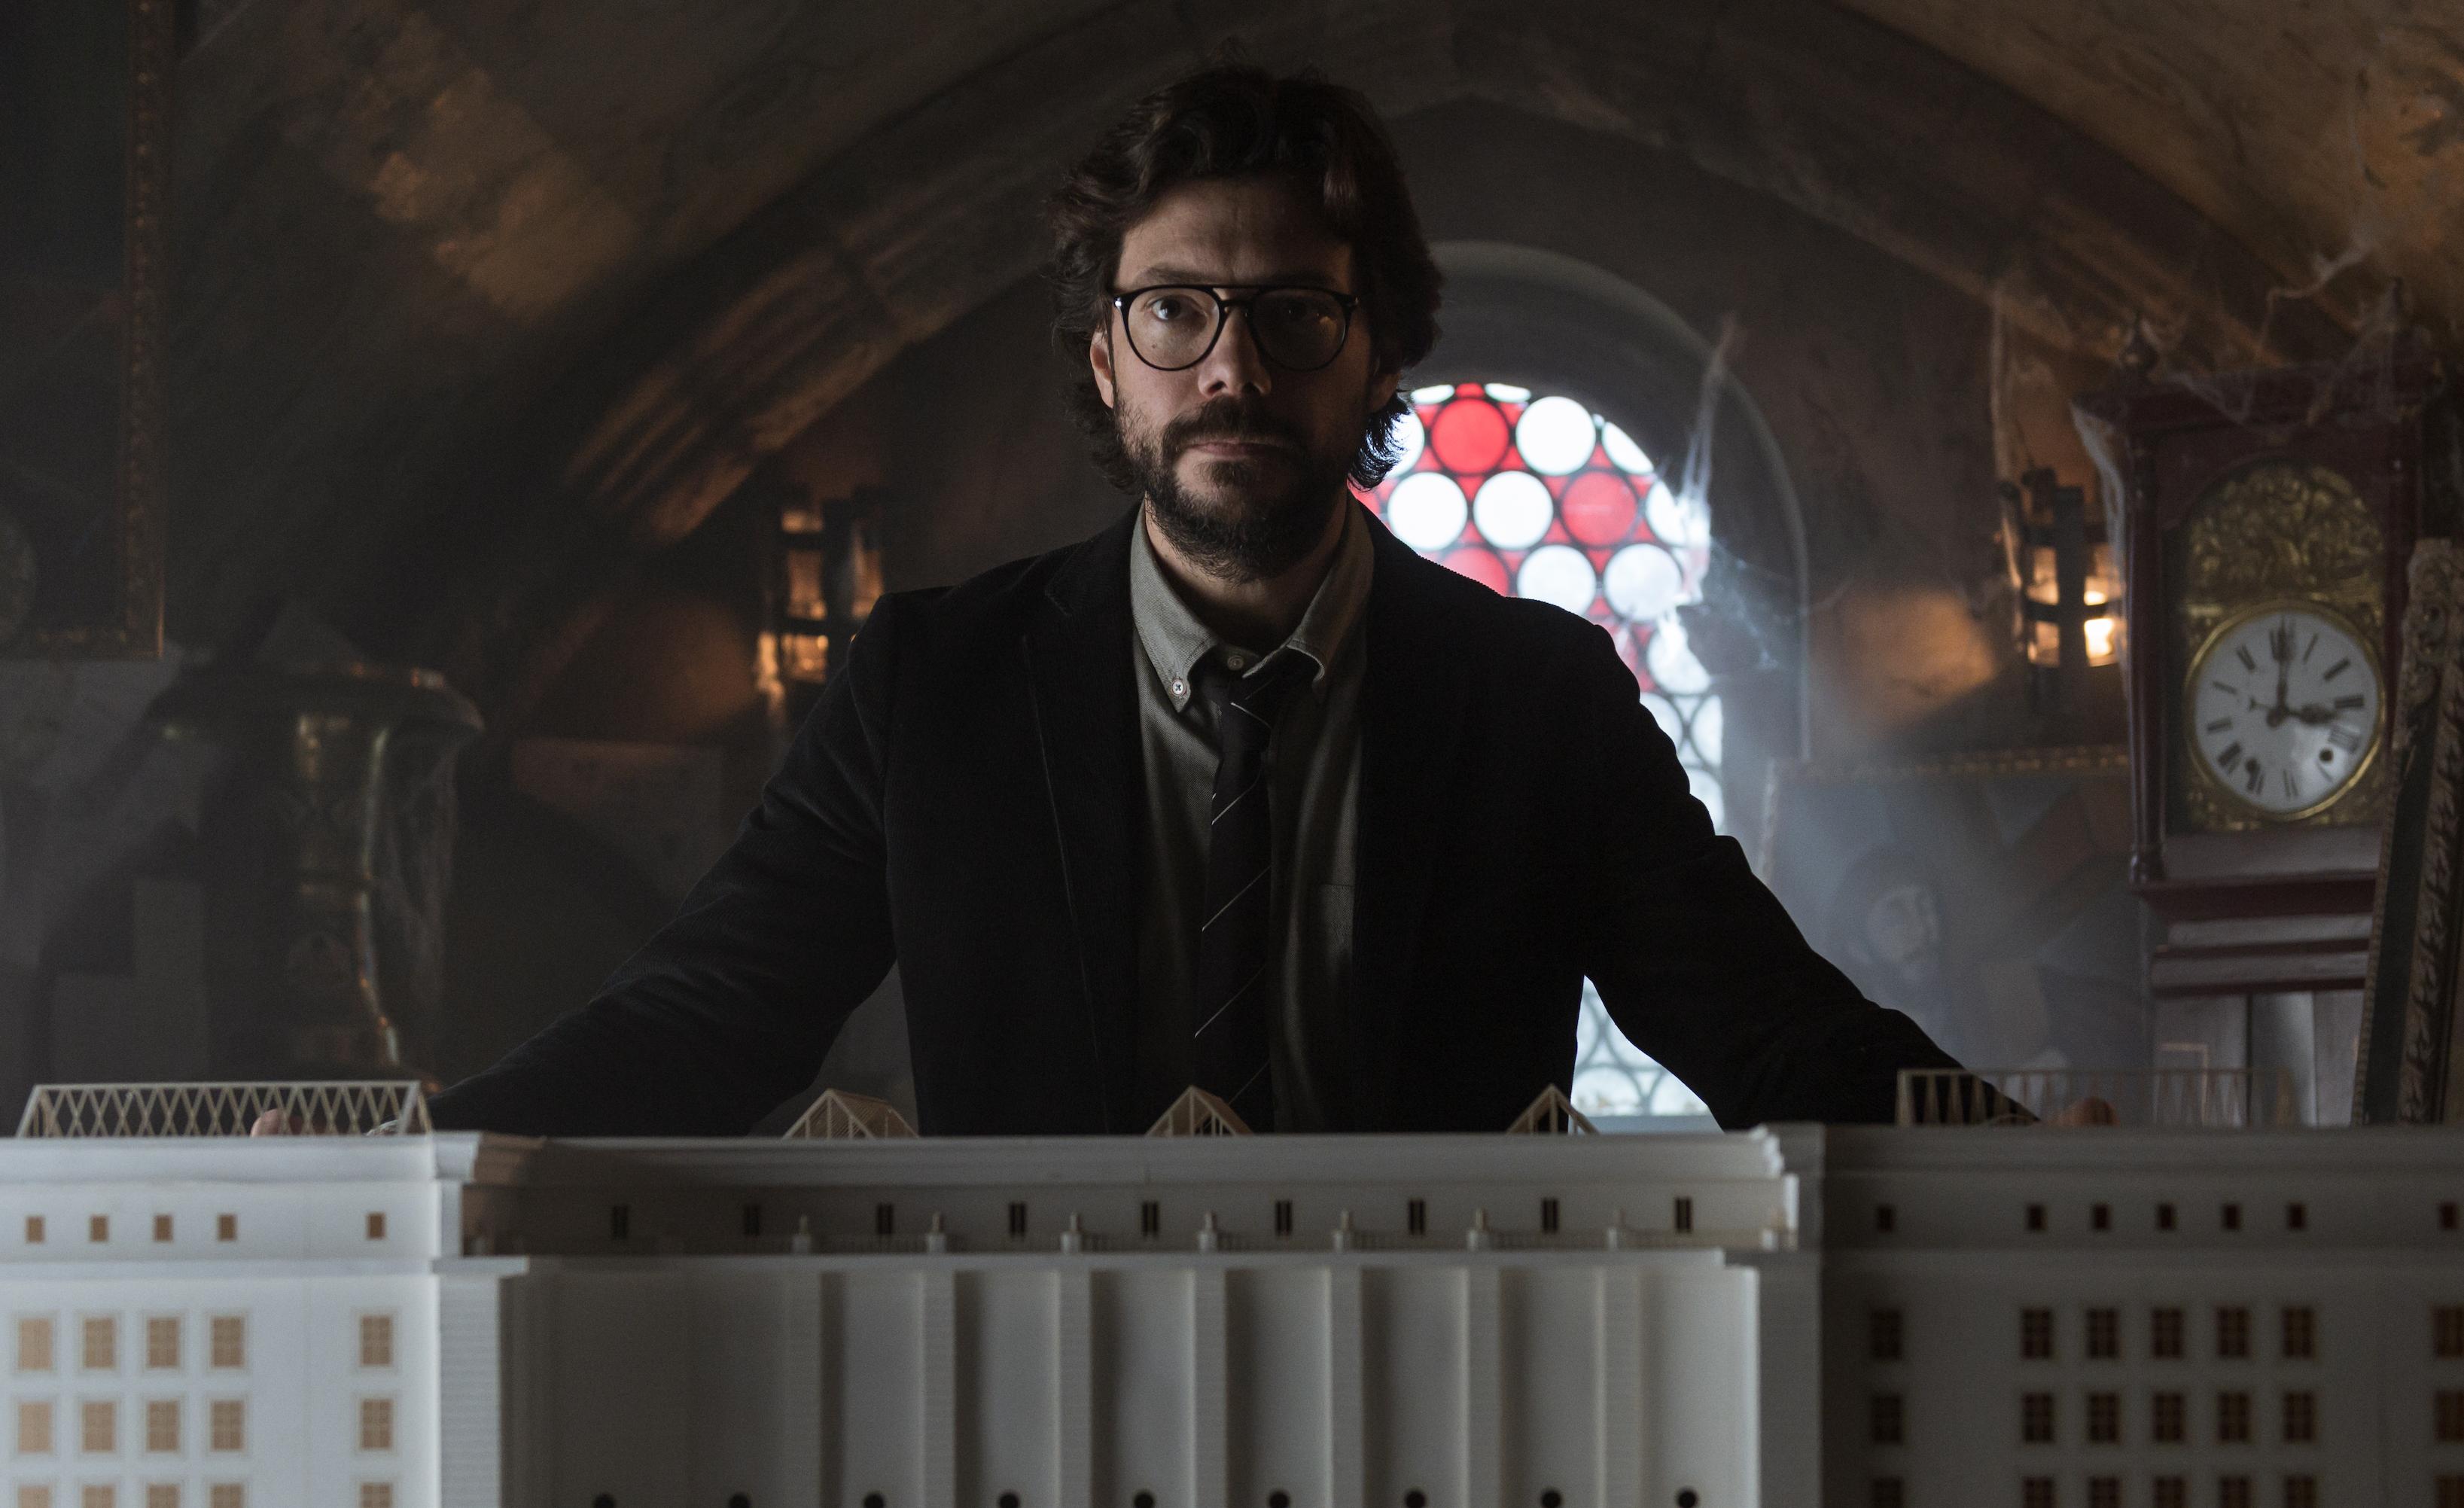 Confirmado: 'La casa de papel' tendrá una cuarta temporada